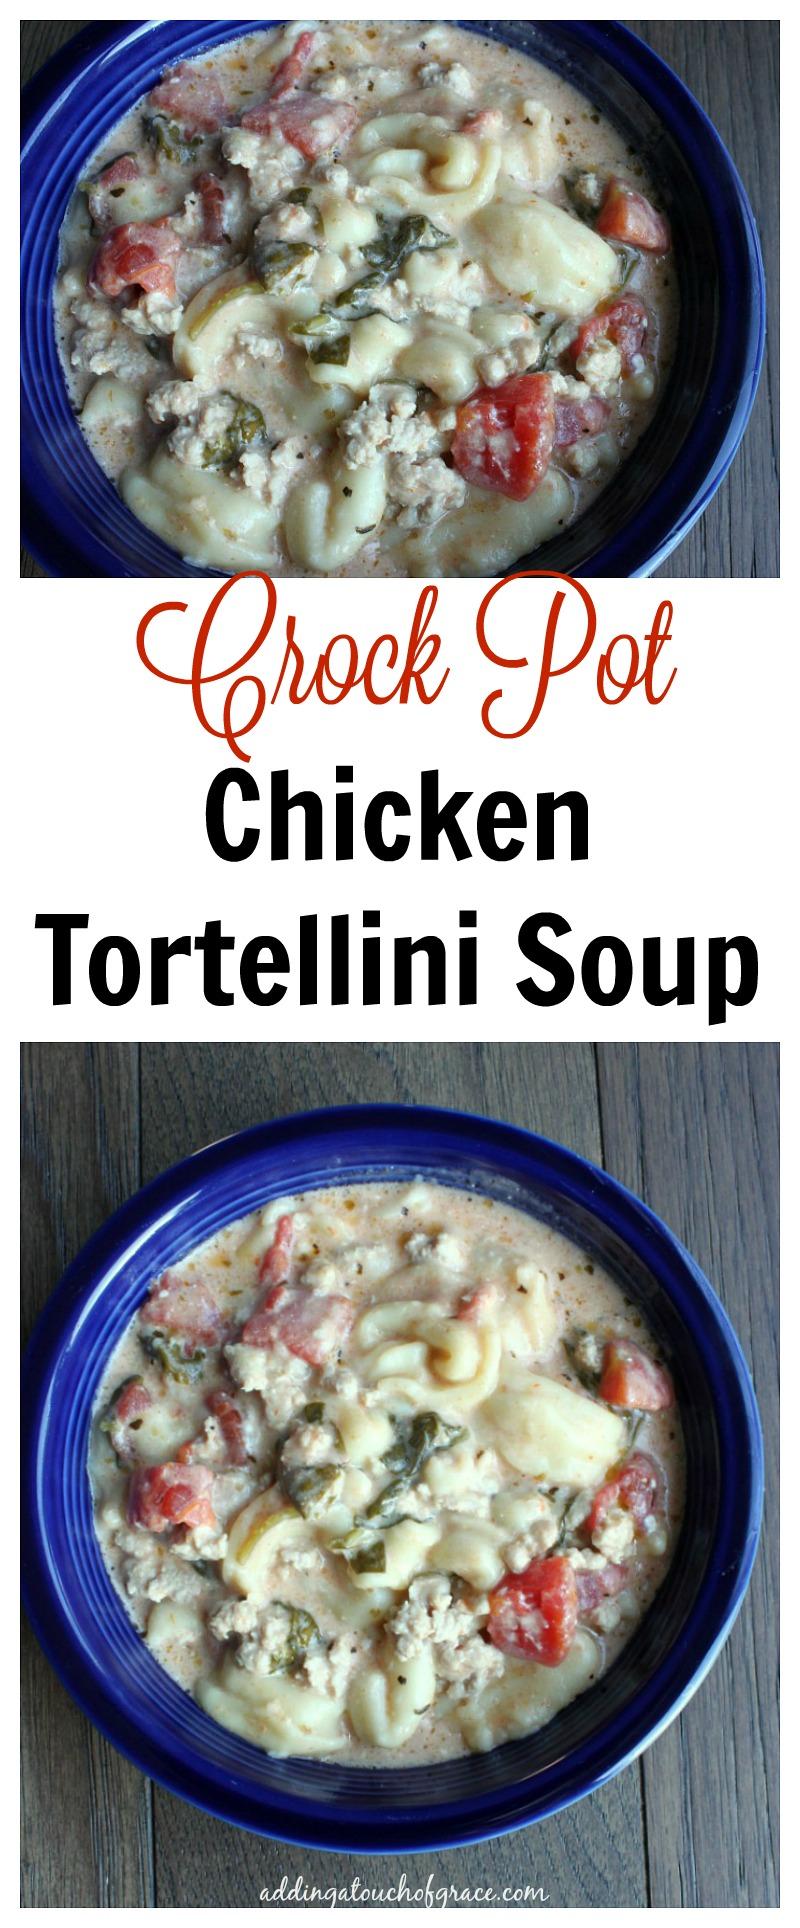 Crock Pot chicken tortellini soup